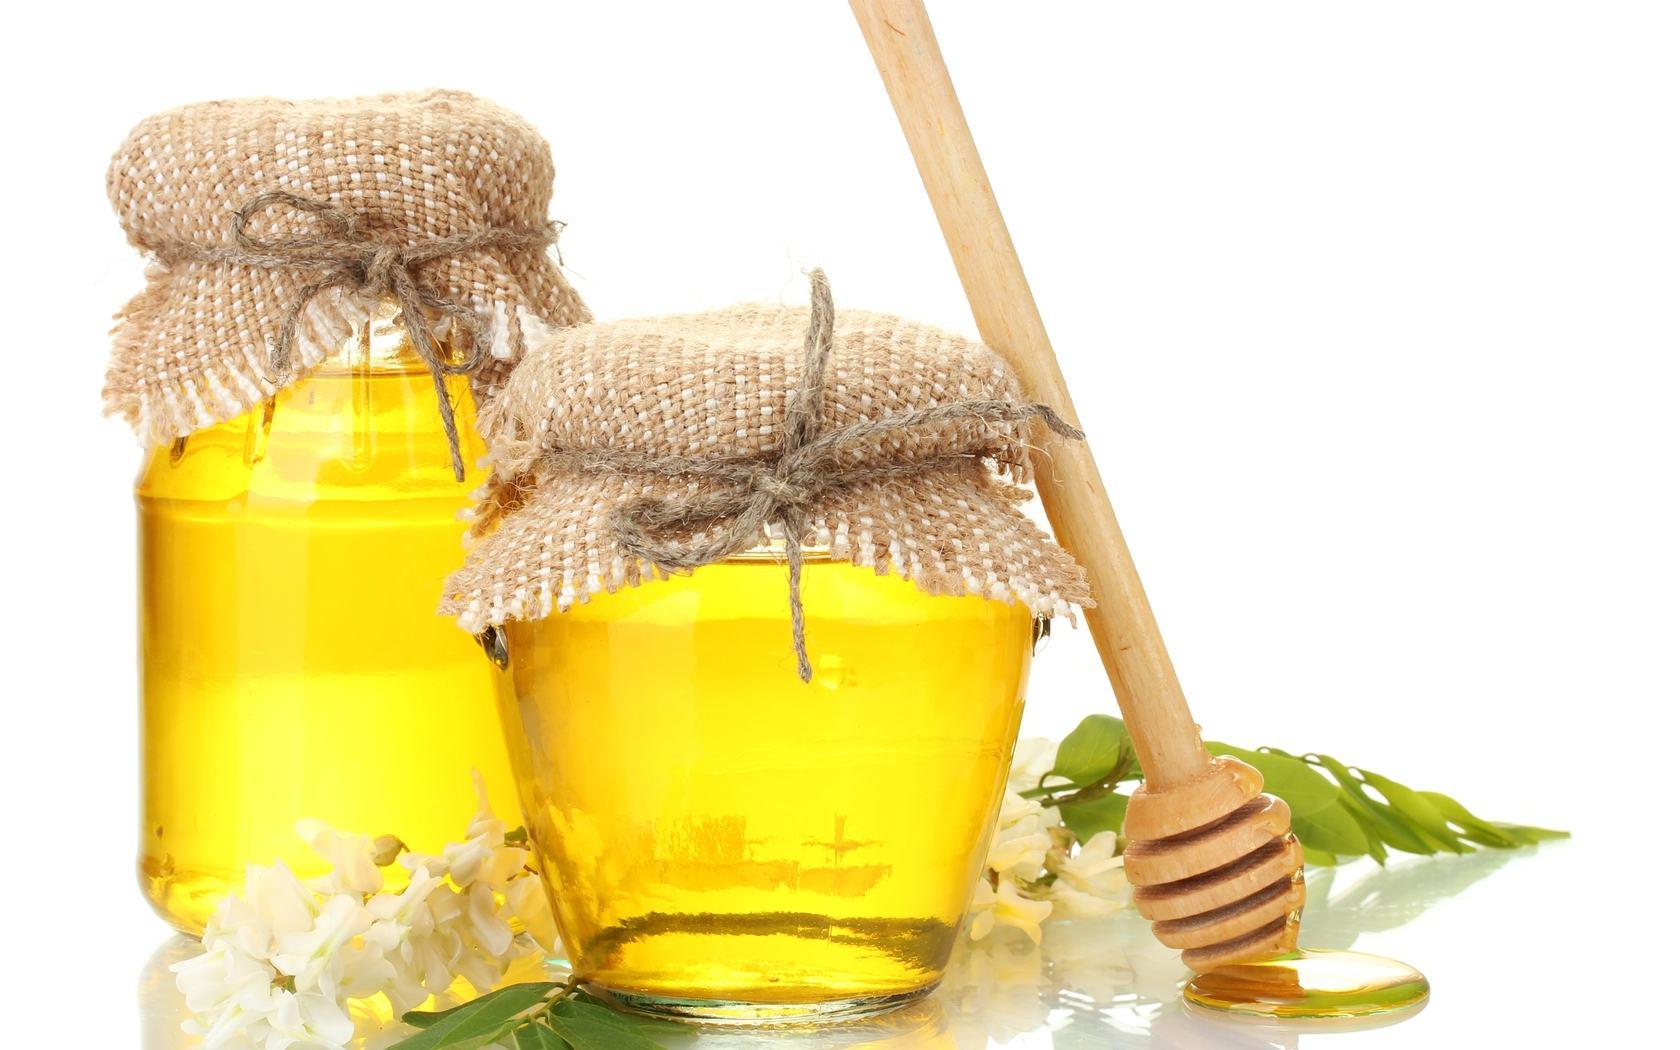 Полезная сладость: как правильно употреблять мёд при сахарном диабете